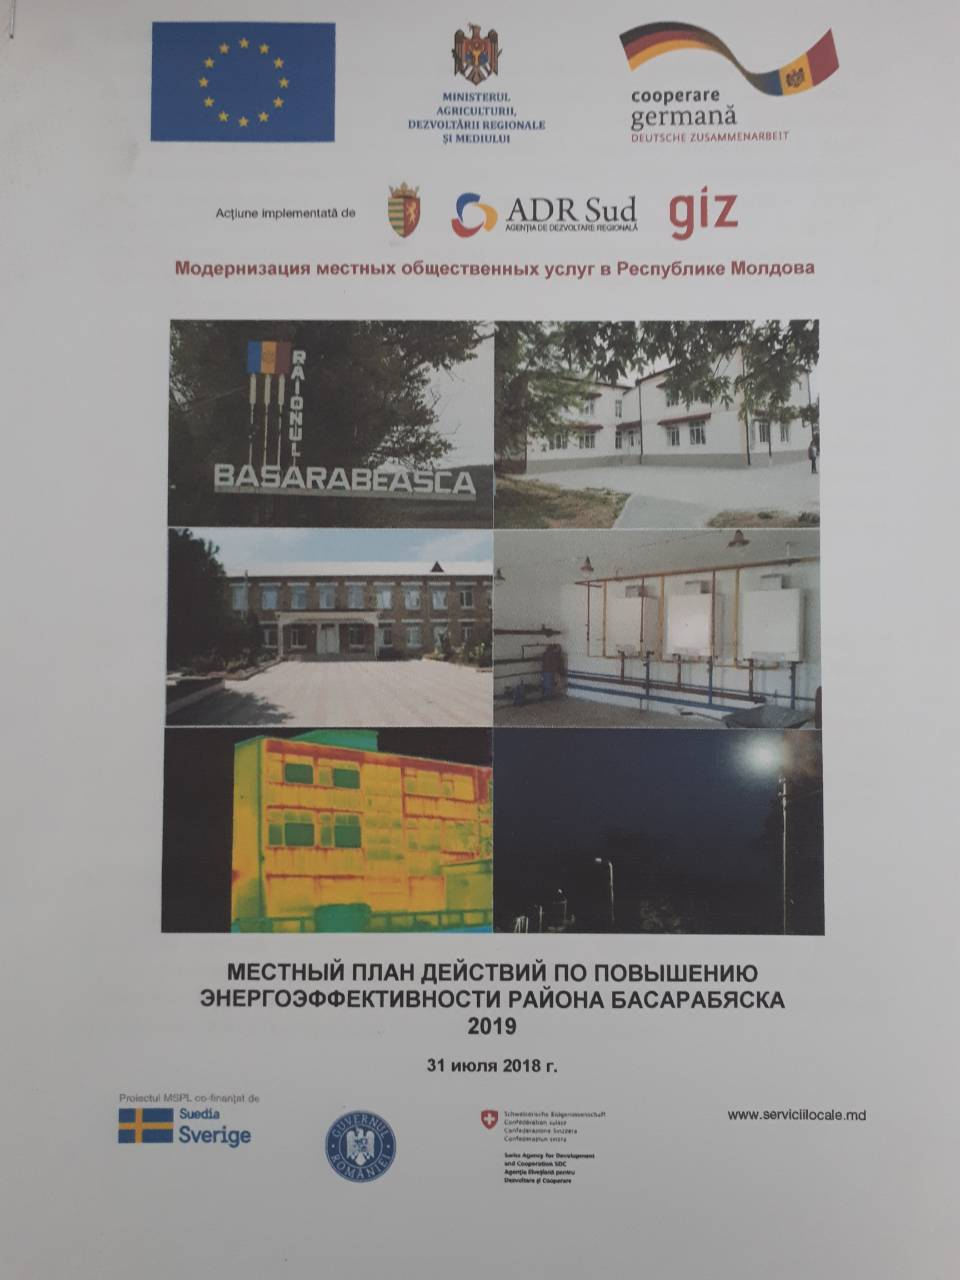 PLANUL LOCAL DE ACȚIUNI ÎN DOMENIUL EFICIENŢEI ENERGETICE A RAIONULUI BASARABEASCA 2019